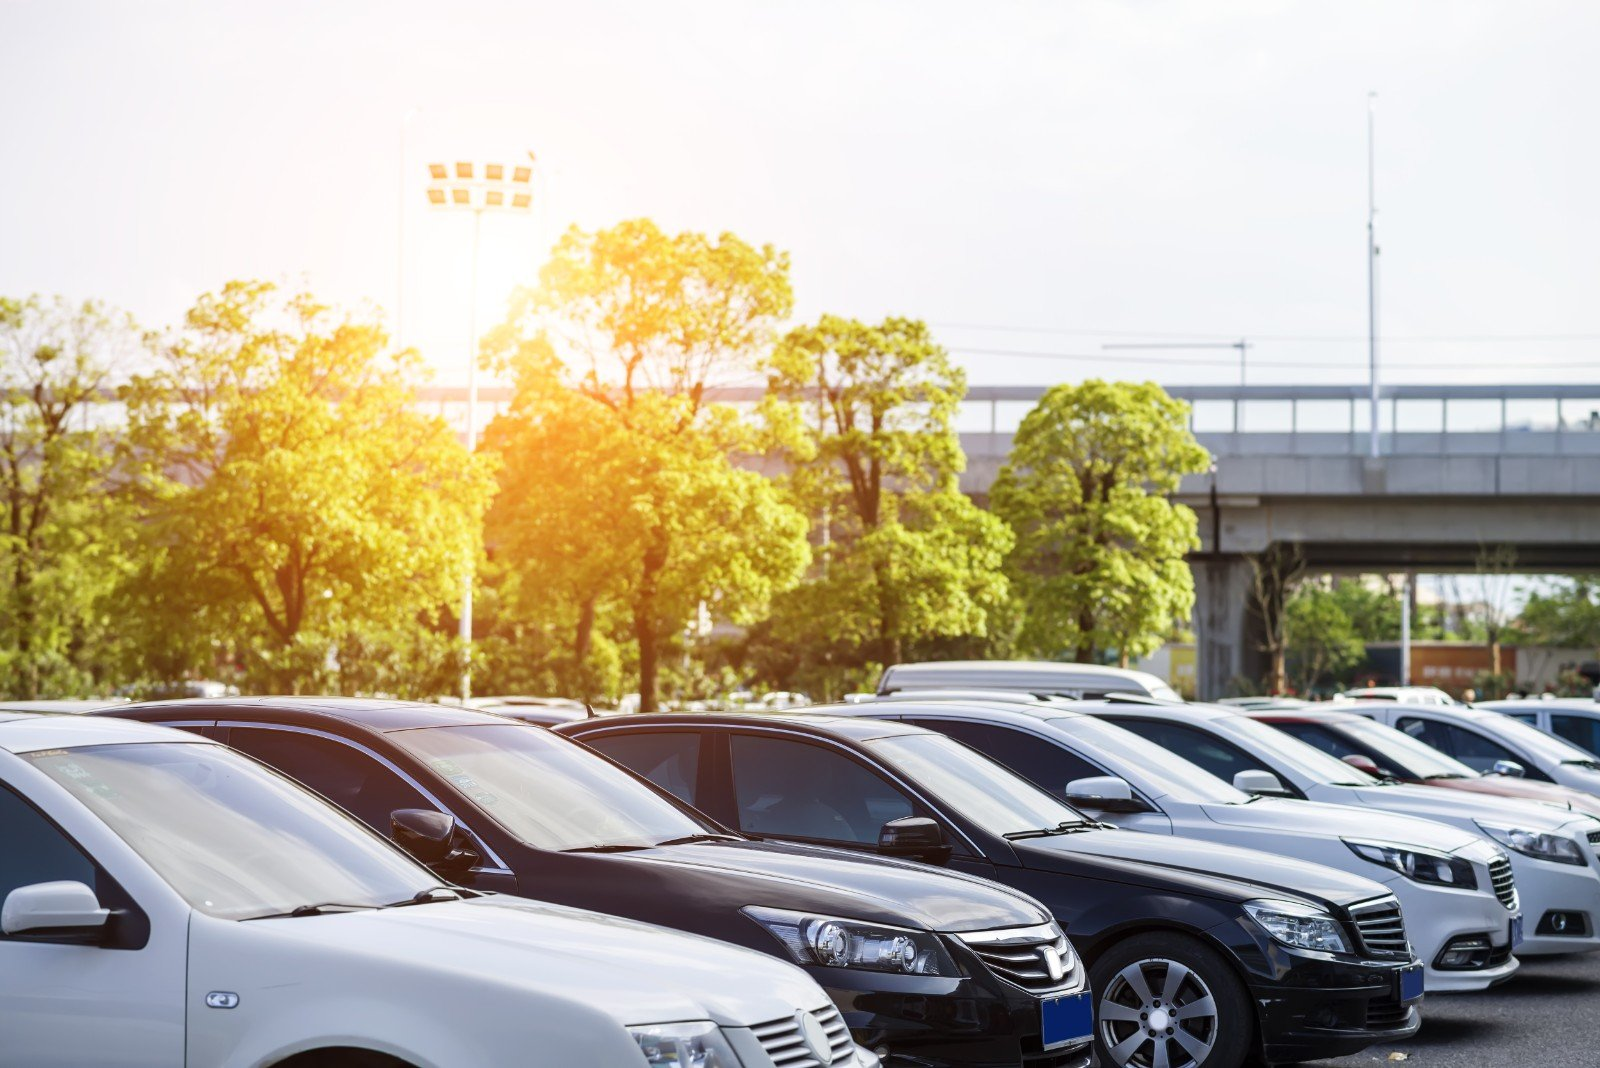 delle macchine in un parcheggio